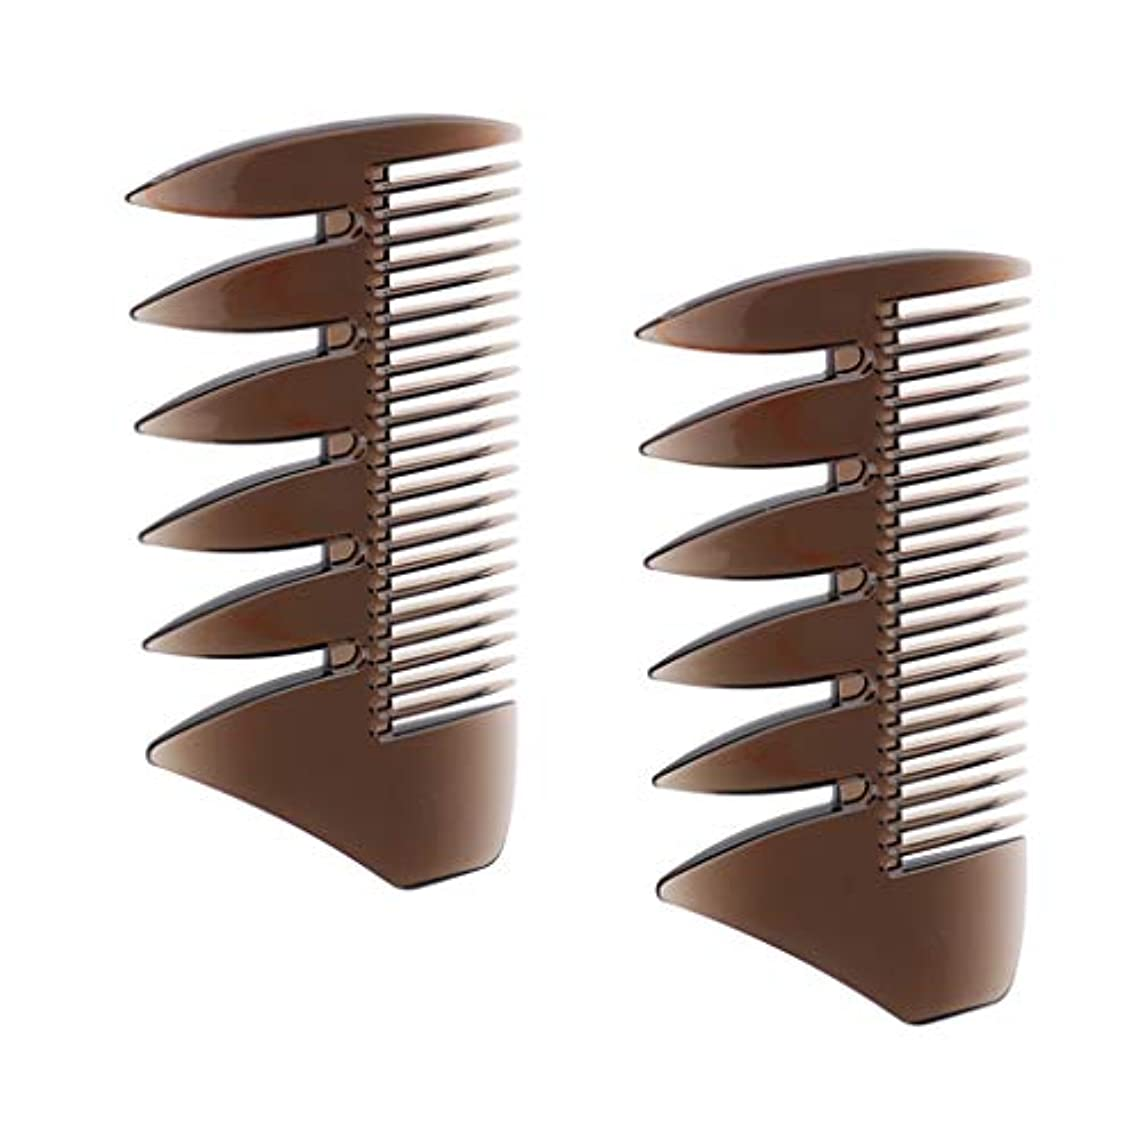 禁止する測定可能こどもの宮殿F Fityle 2個 ヘアコンビ デュアルサイド メンズ オイルの髪 櫛 ヘアサロン ヘアスタイリング